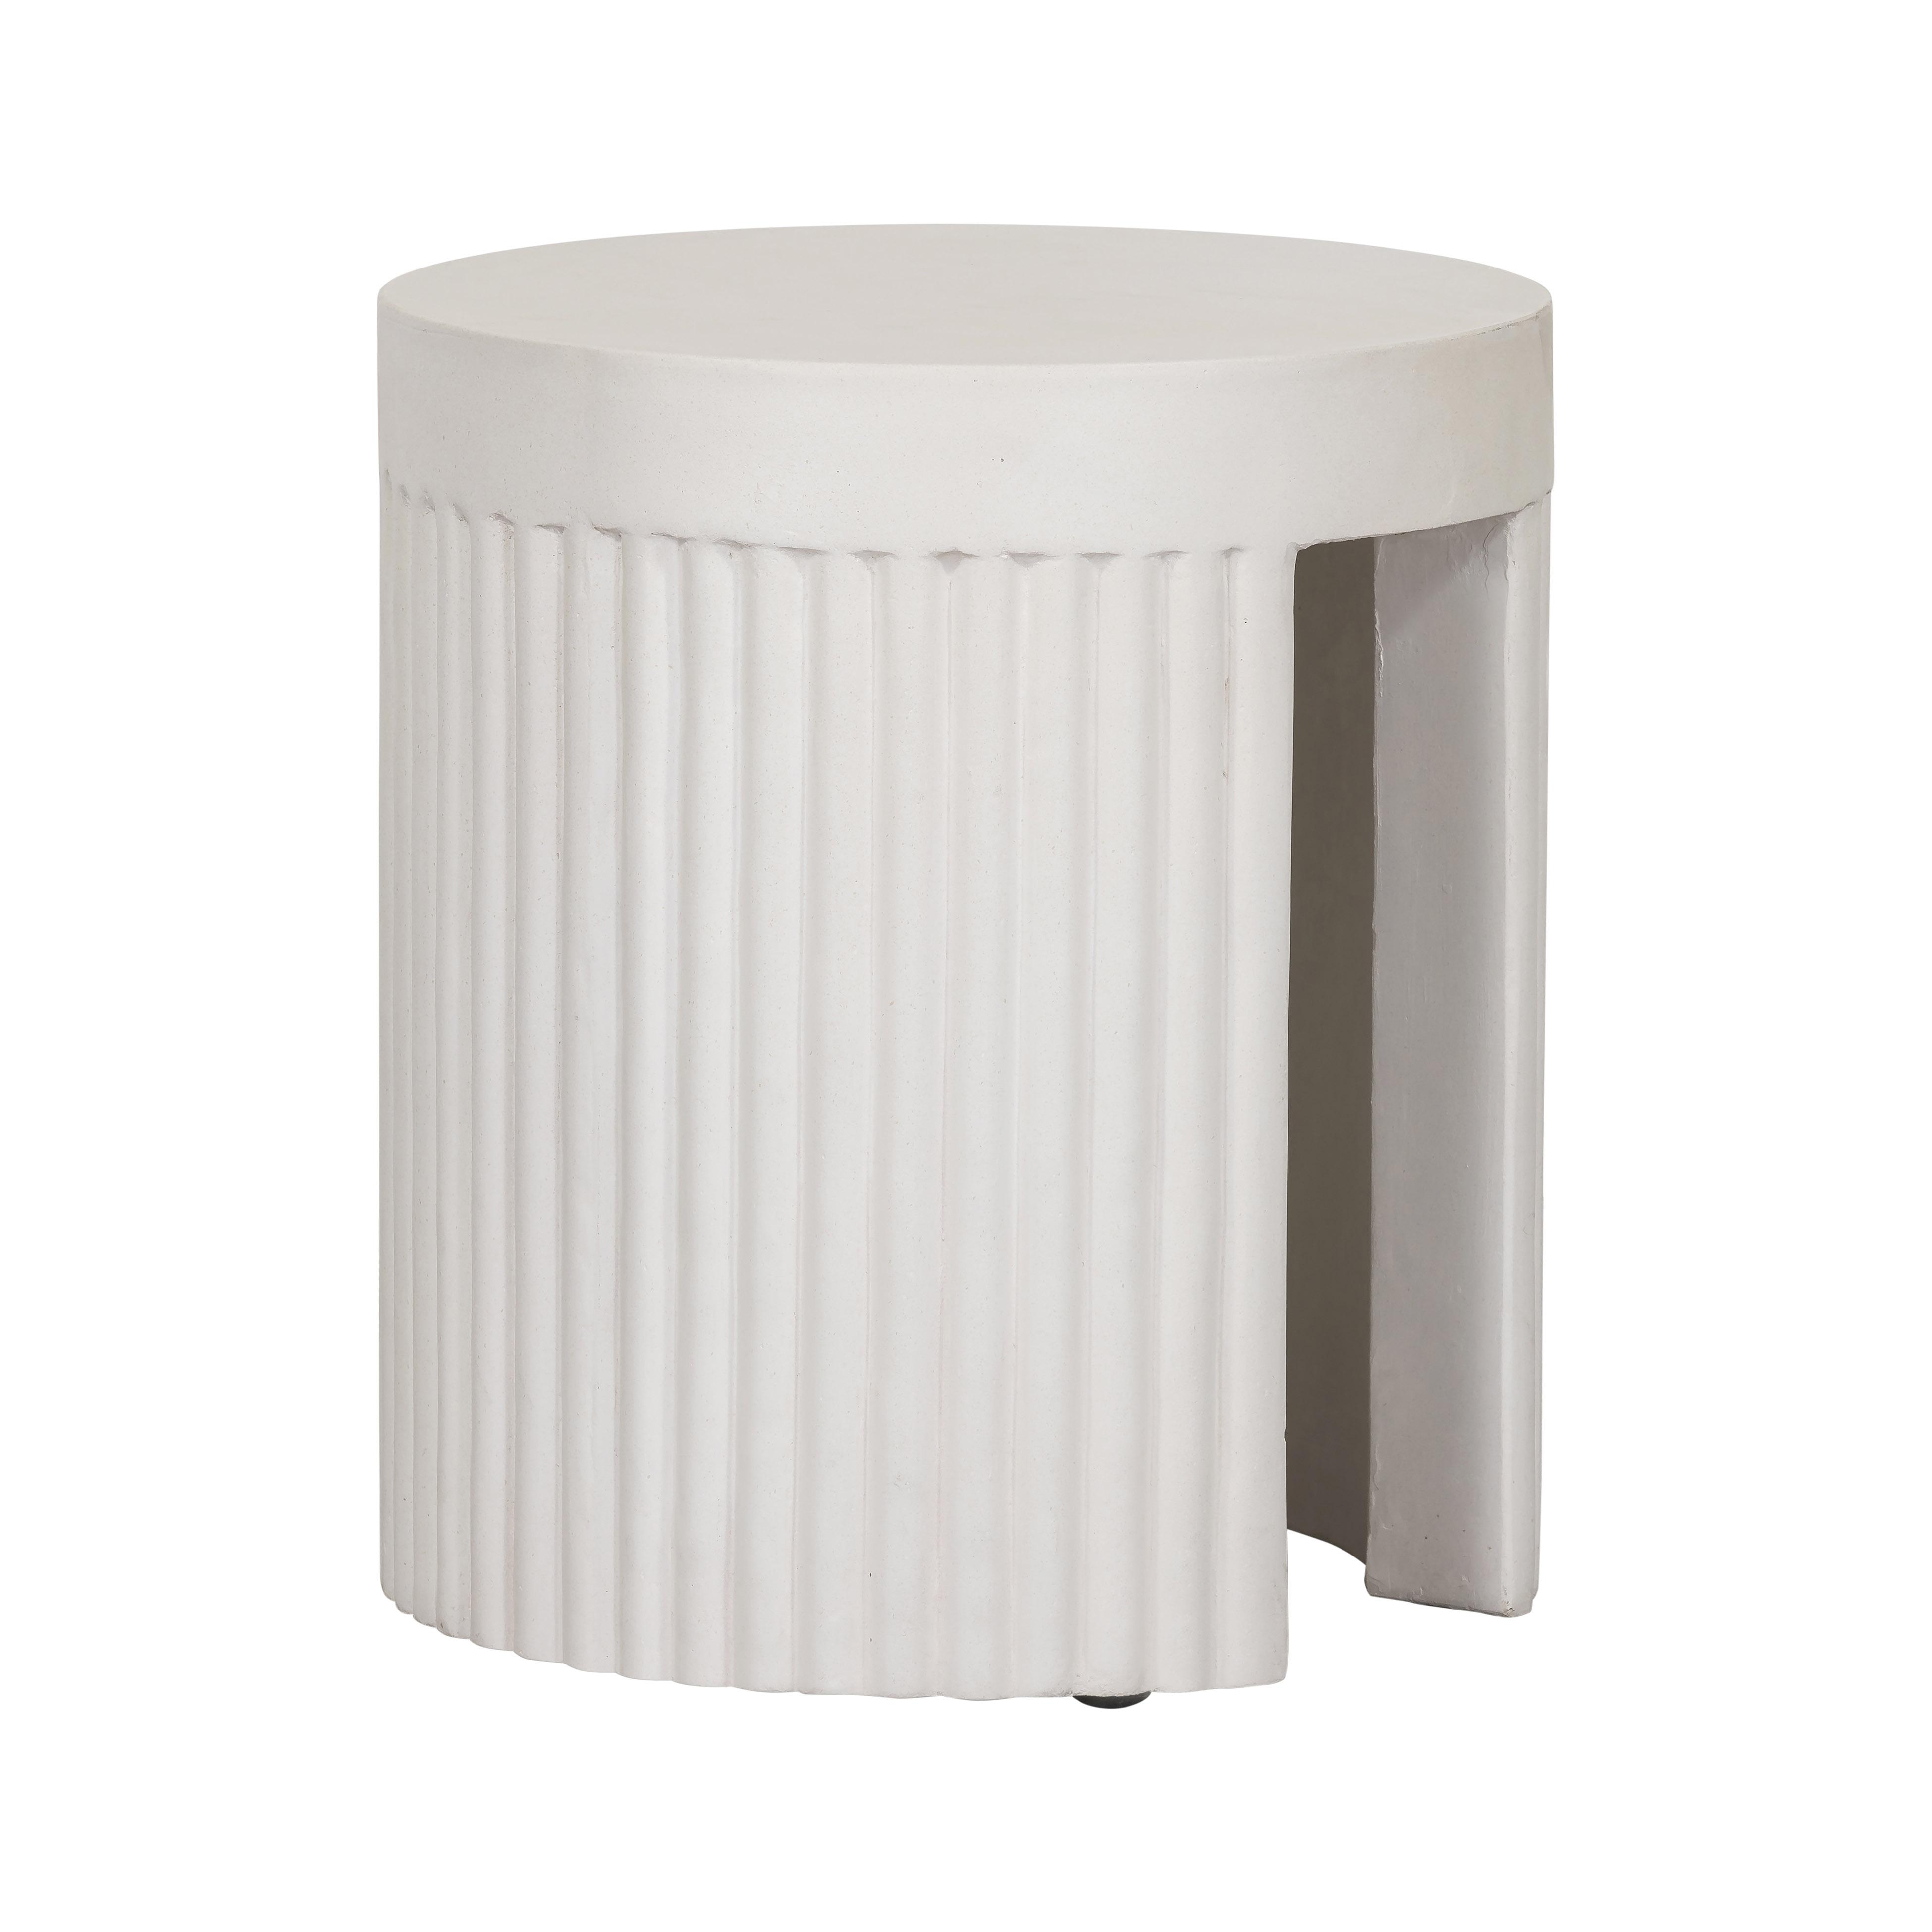 Crest Concrete Side Table